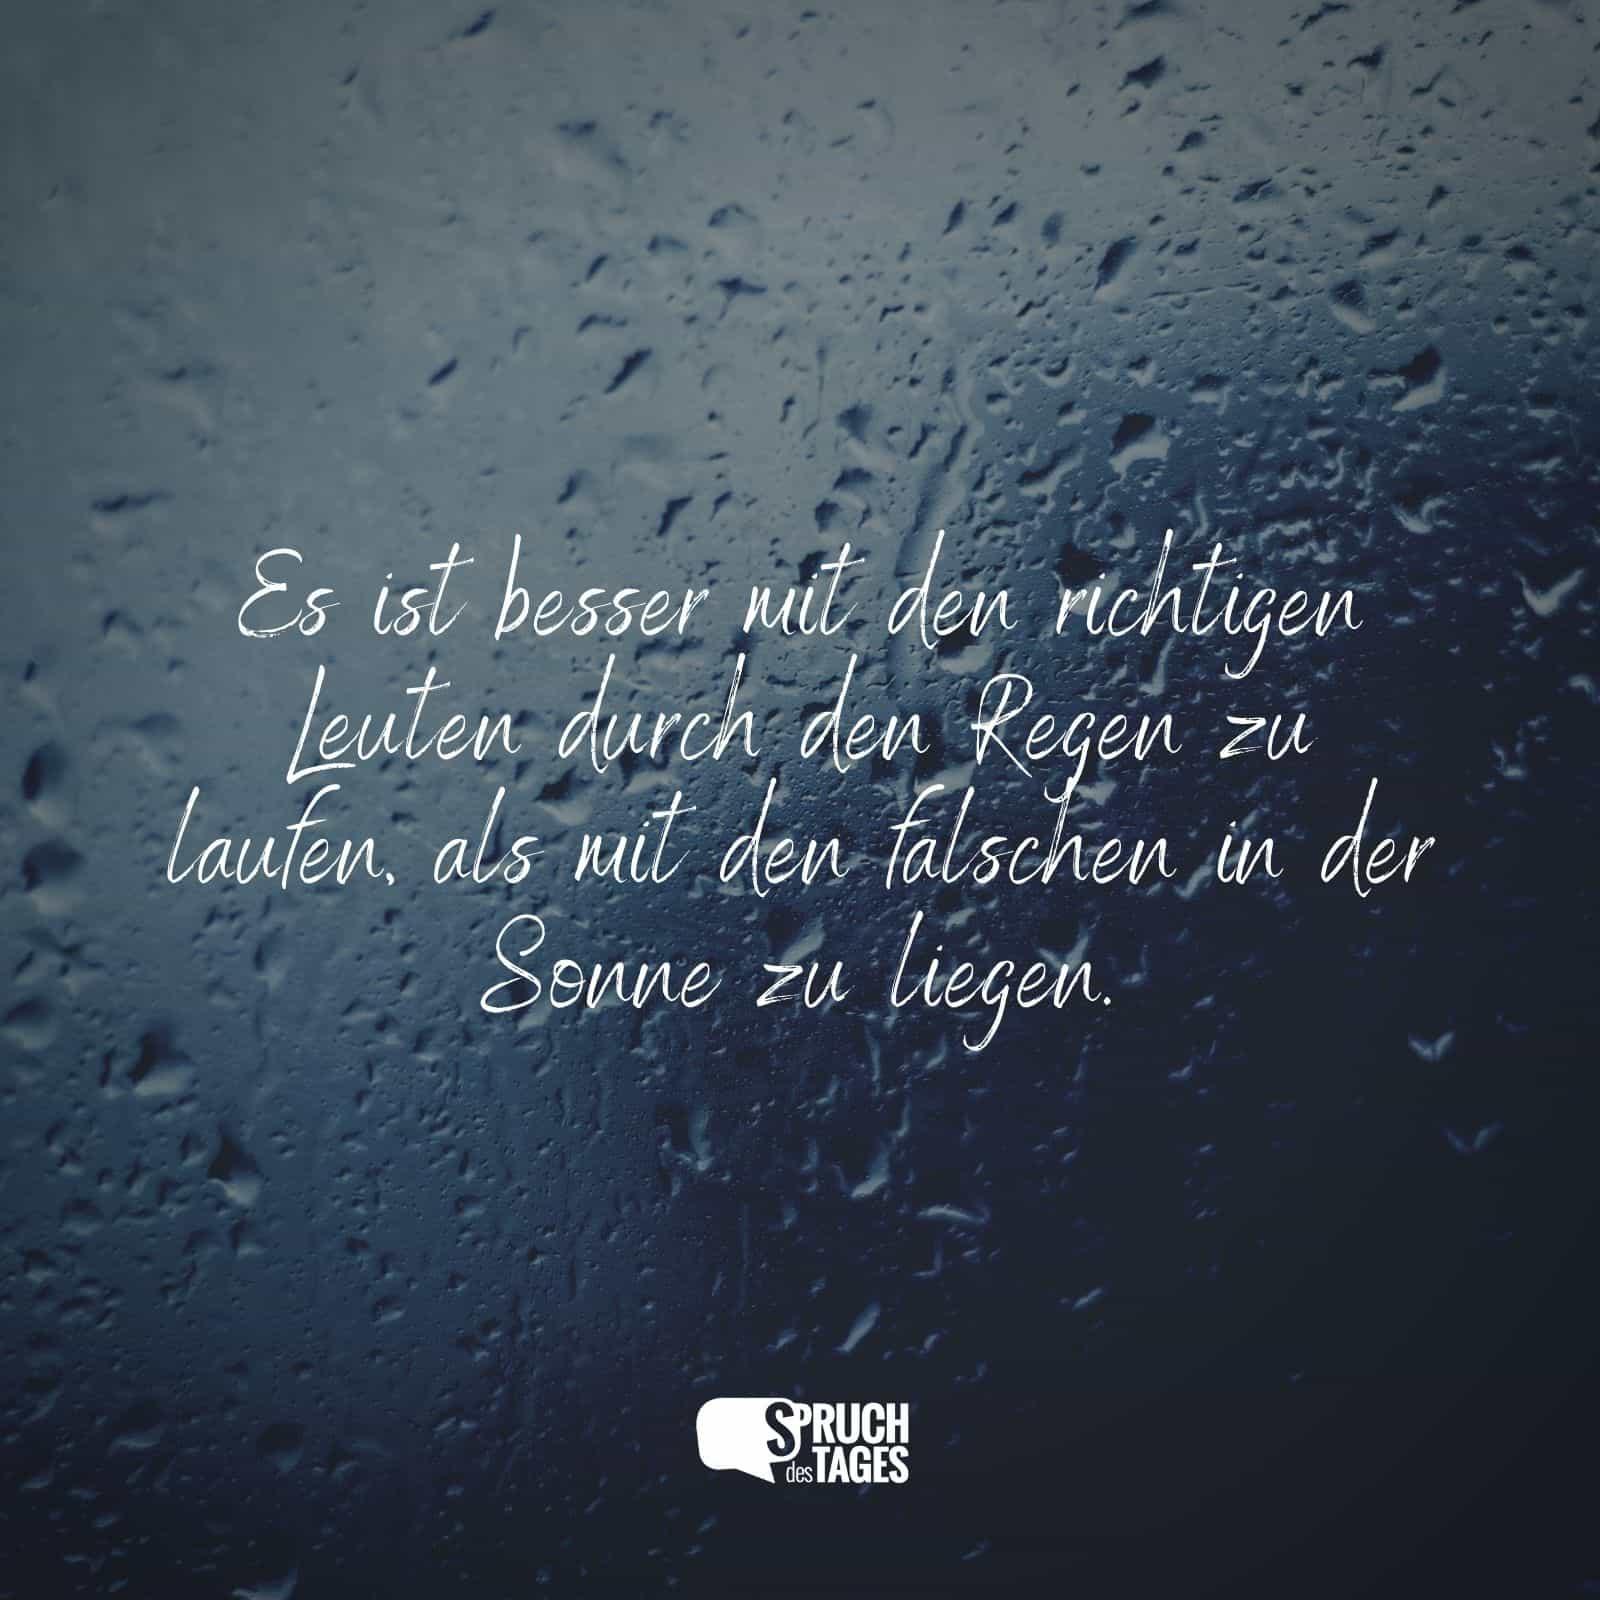 Es Ist Besser Mit Den Richtigen Leuten Durch Den Regen Zu Laufen